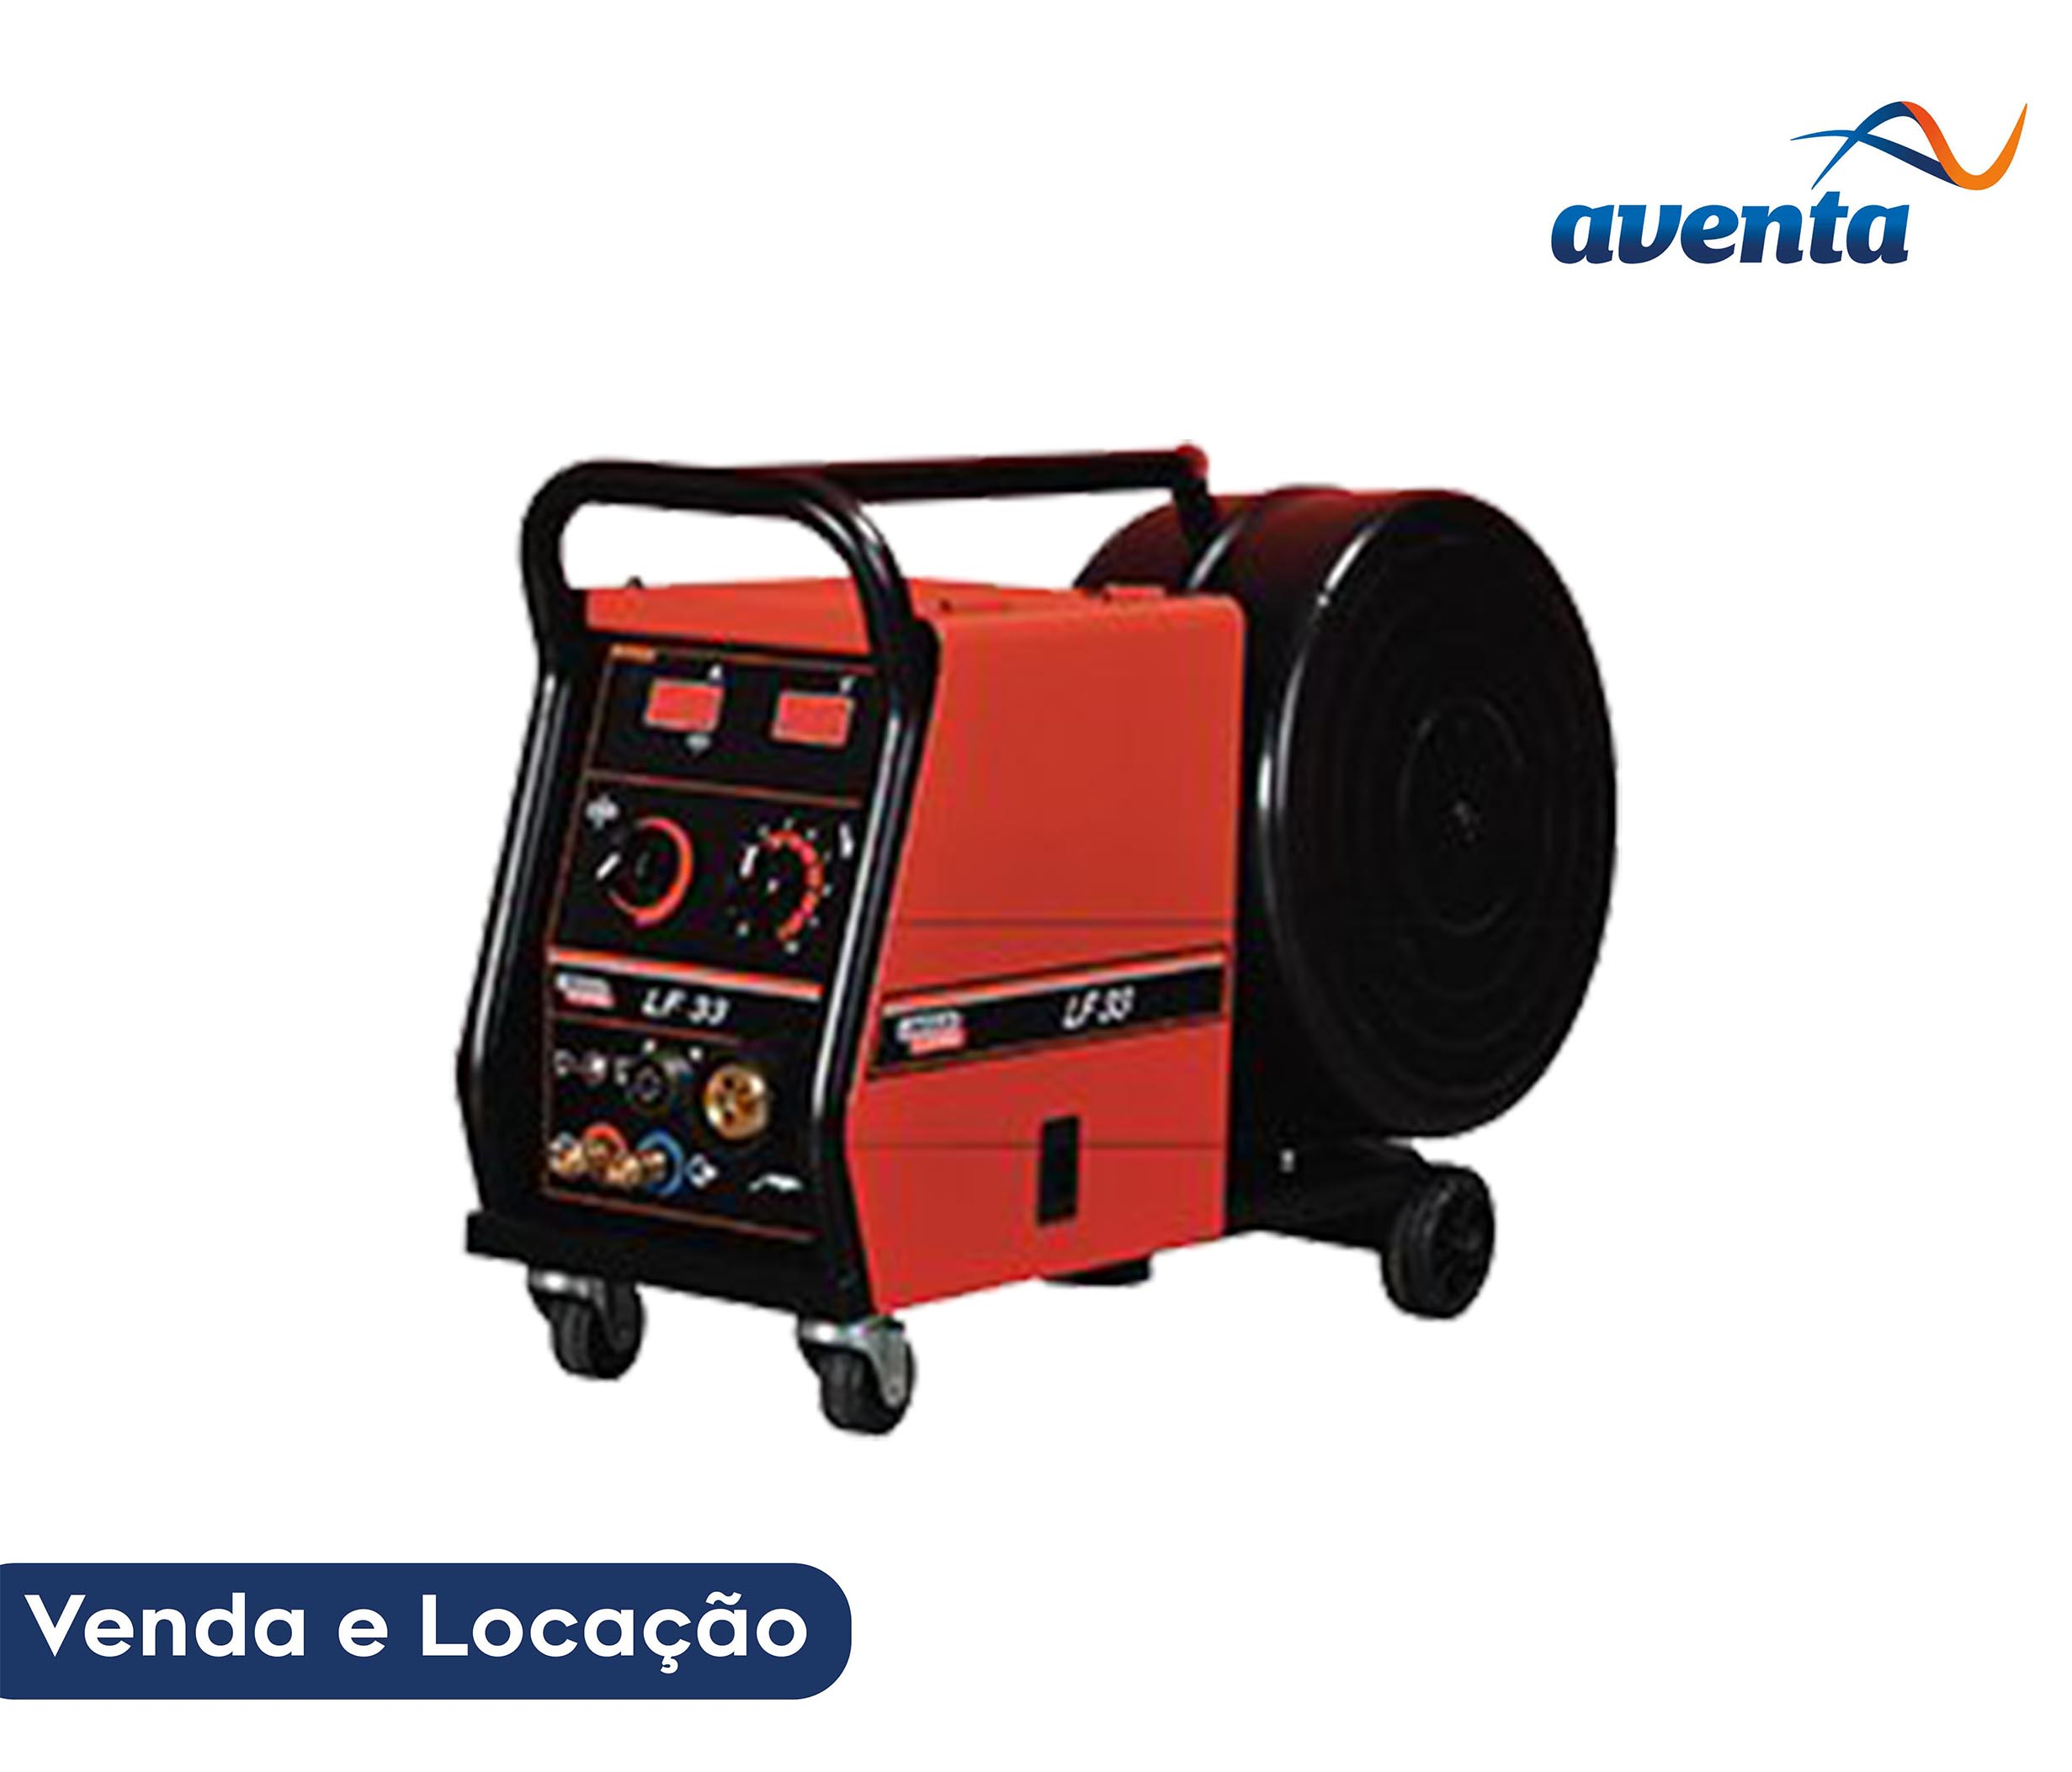 LF33 Lincoln Alimentador de Arame